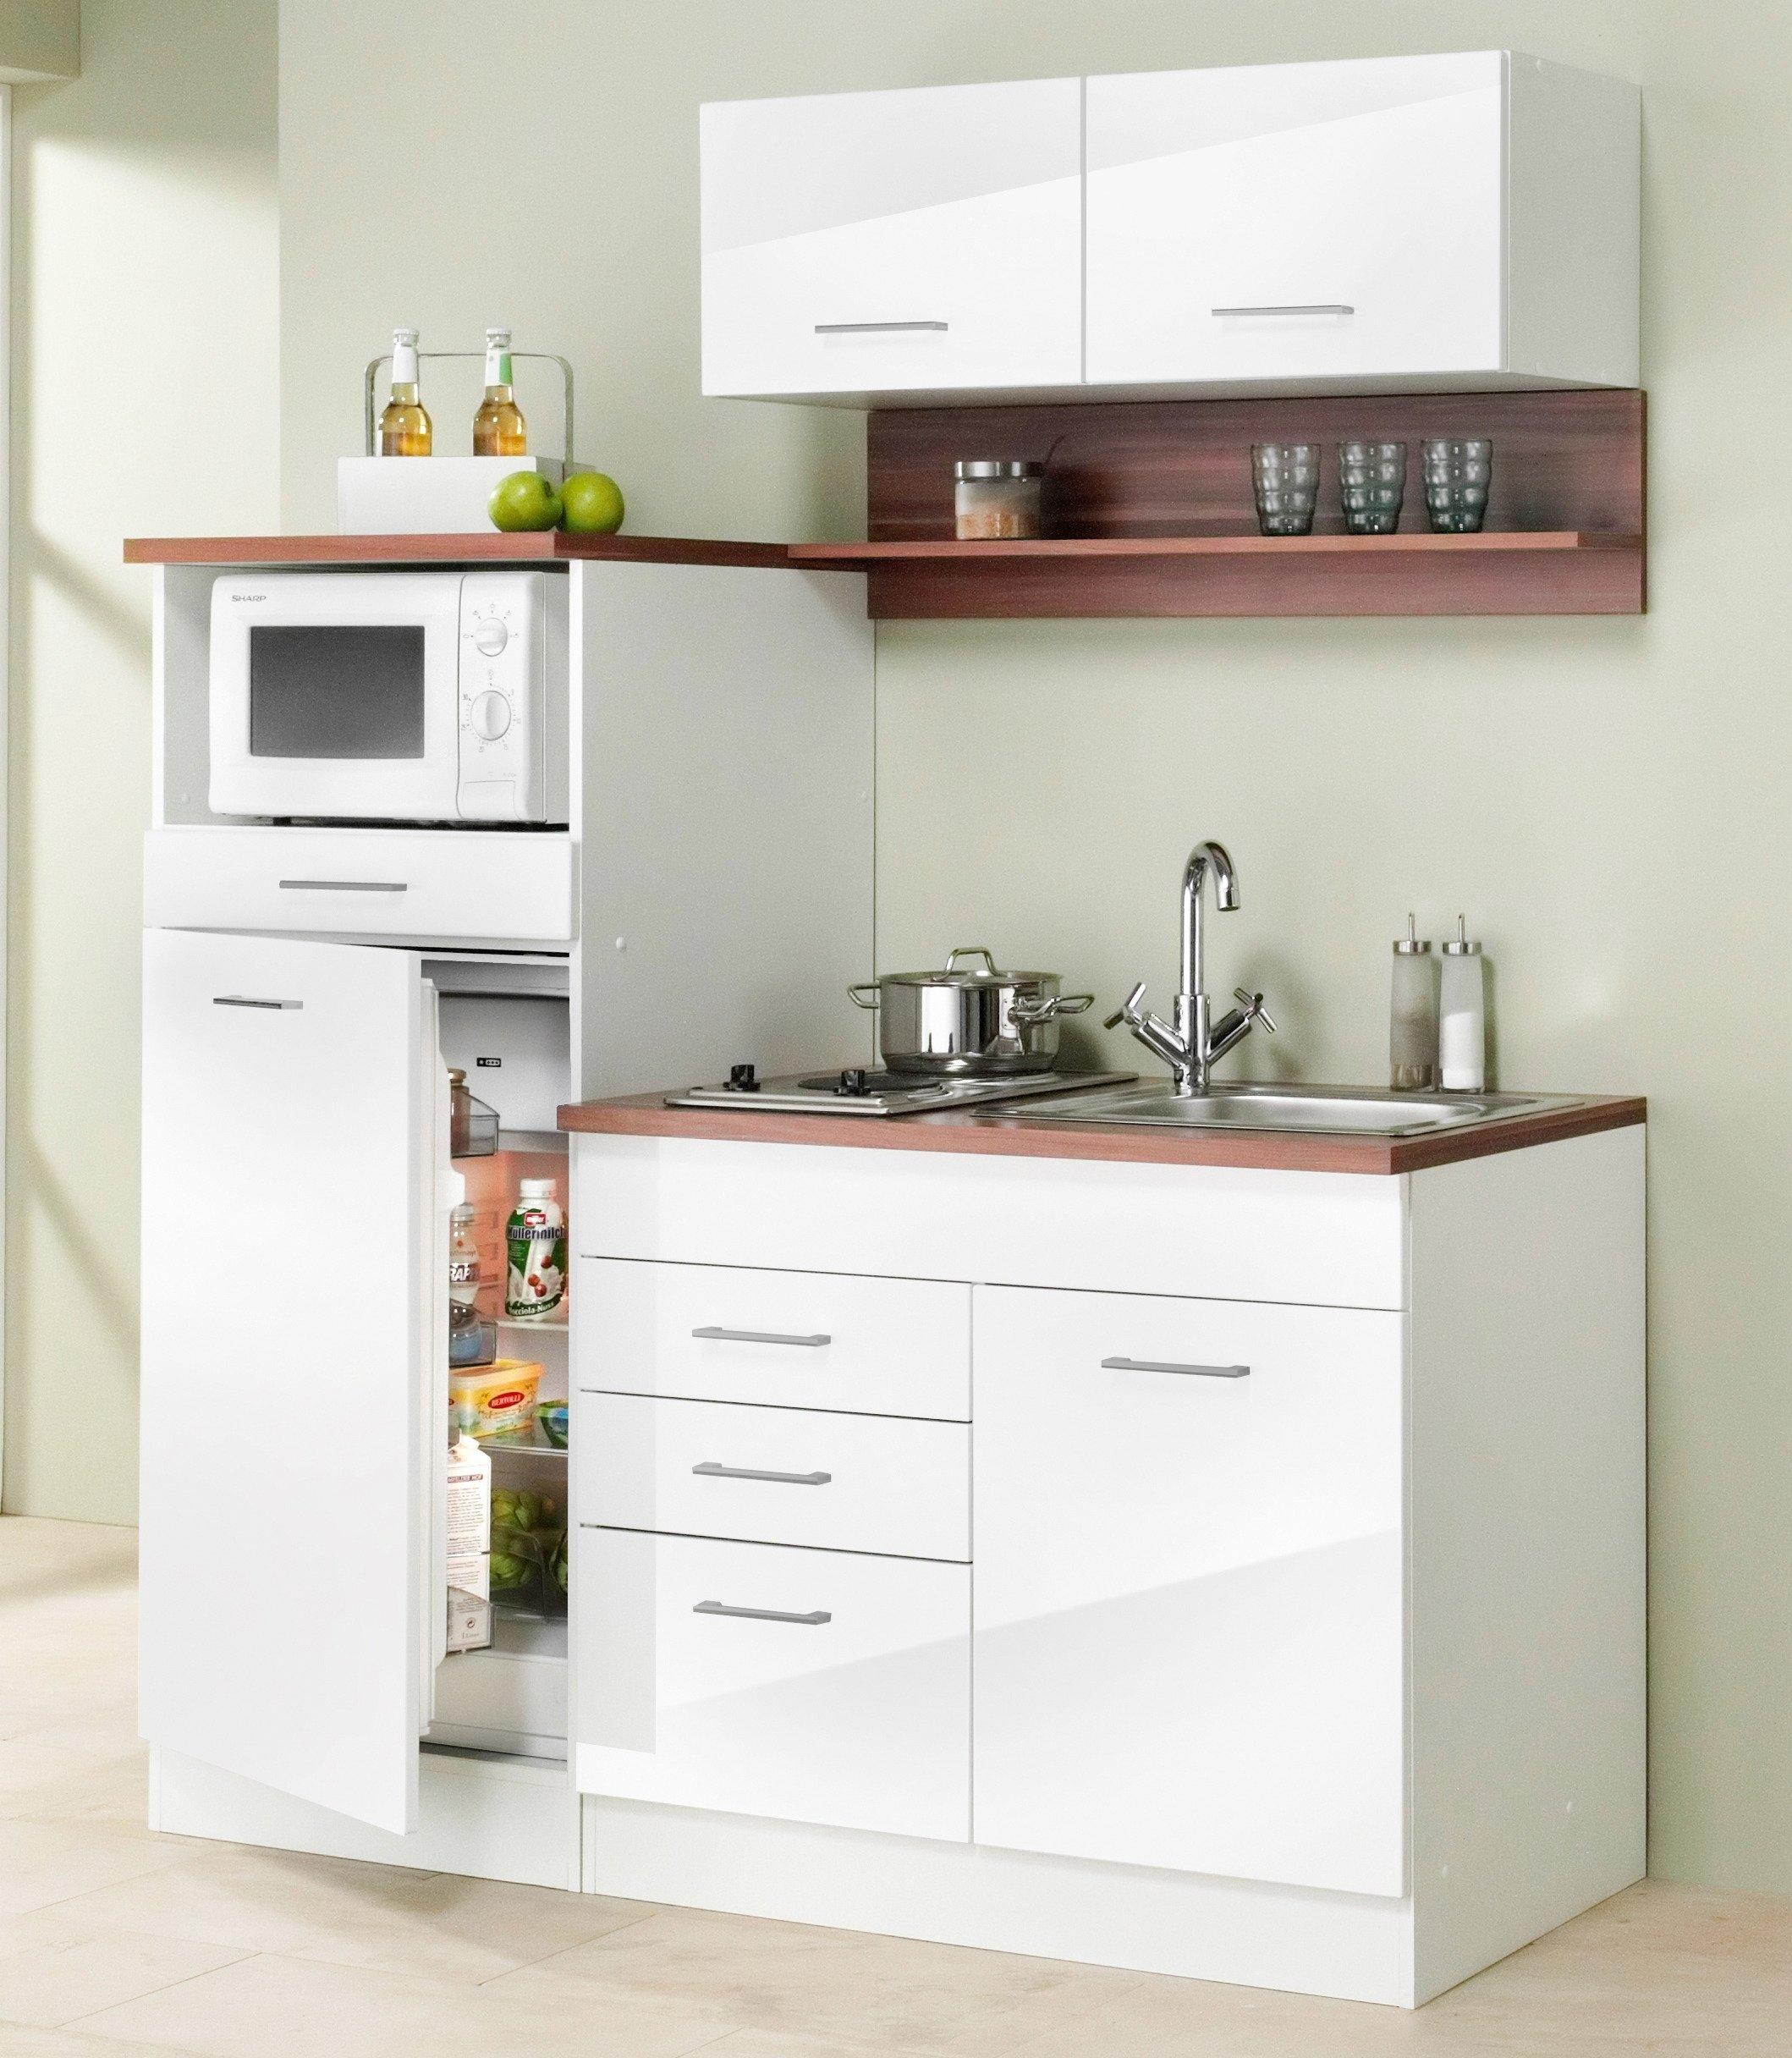 Held m bel mini keuken monaco breedte 160 cm makkelijk besteld otto - Mini keuken voor studio ...